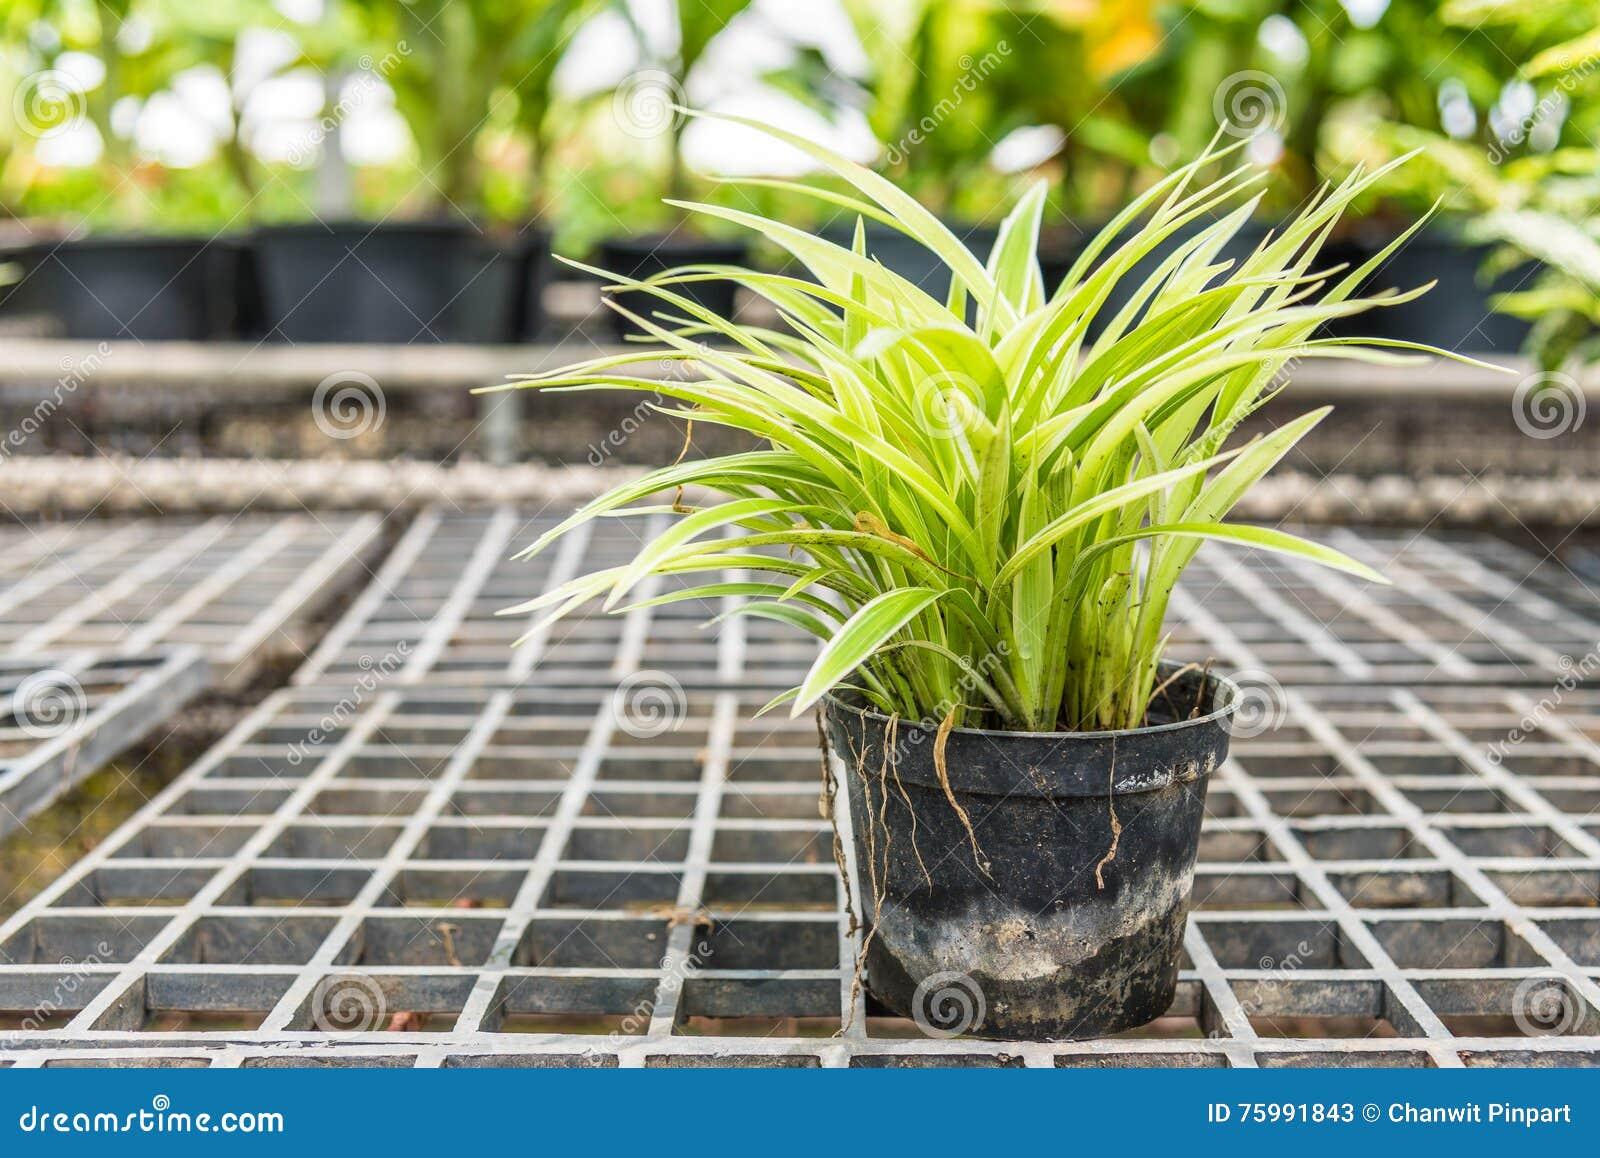 chlorophytum comosum spider plants in a pot for sale stock image image of exterior grow. Black Bedroom Furniture Sets. Home Design Ideas